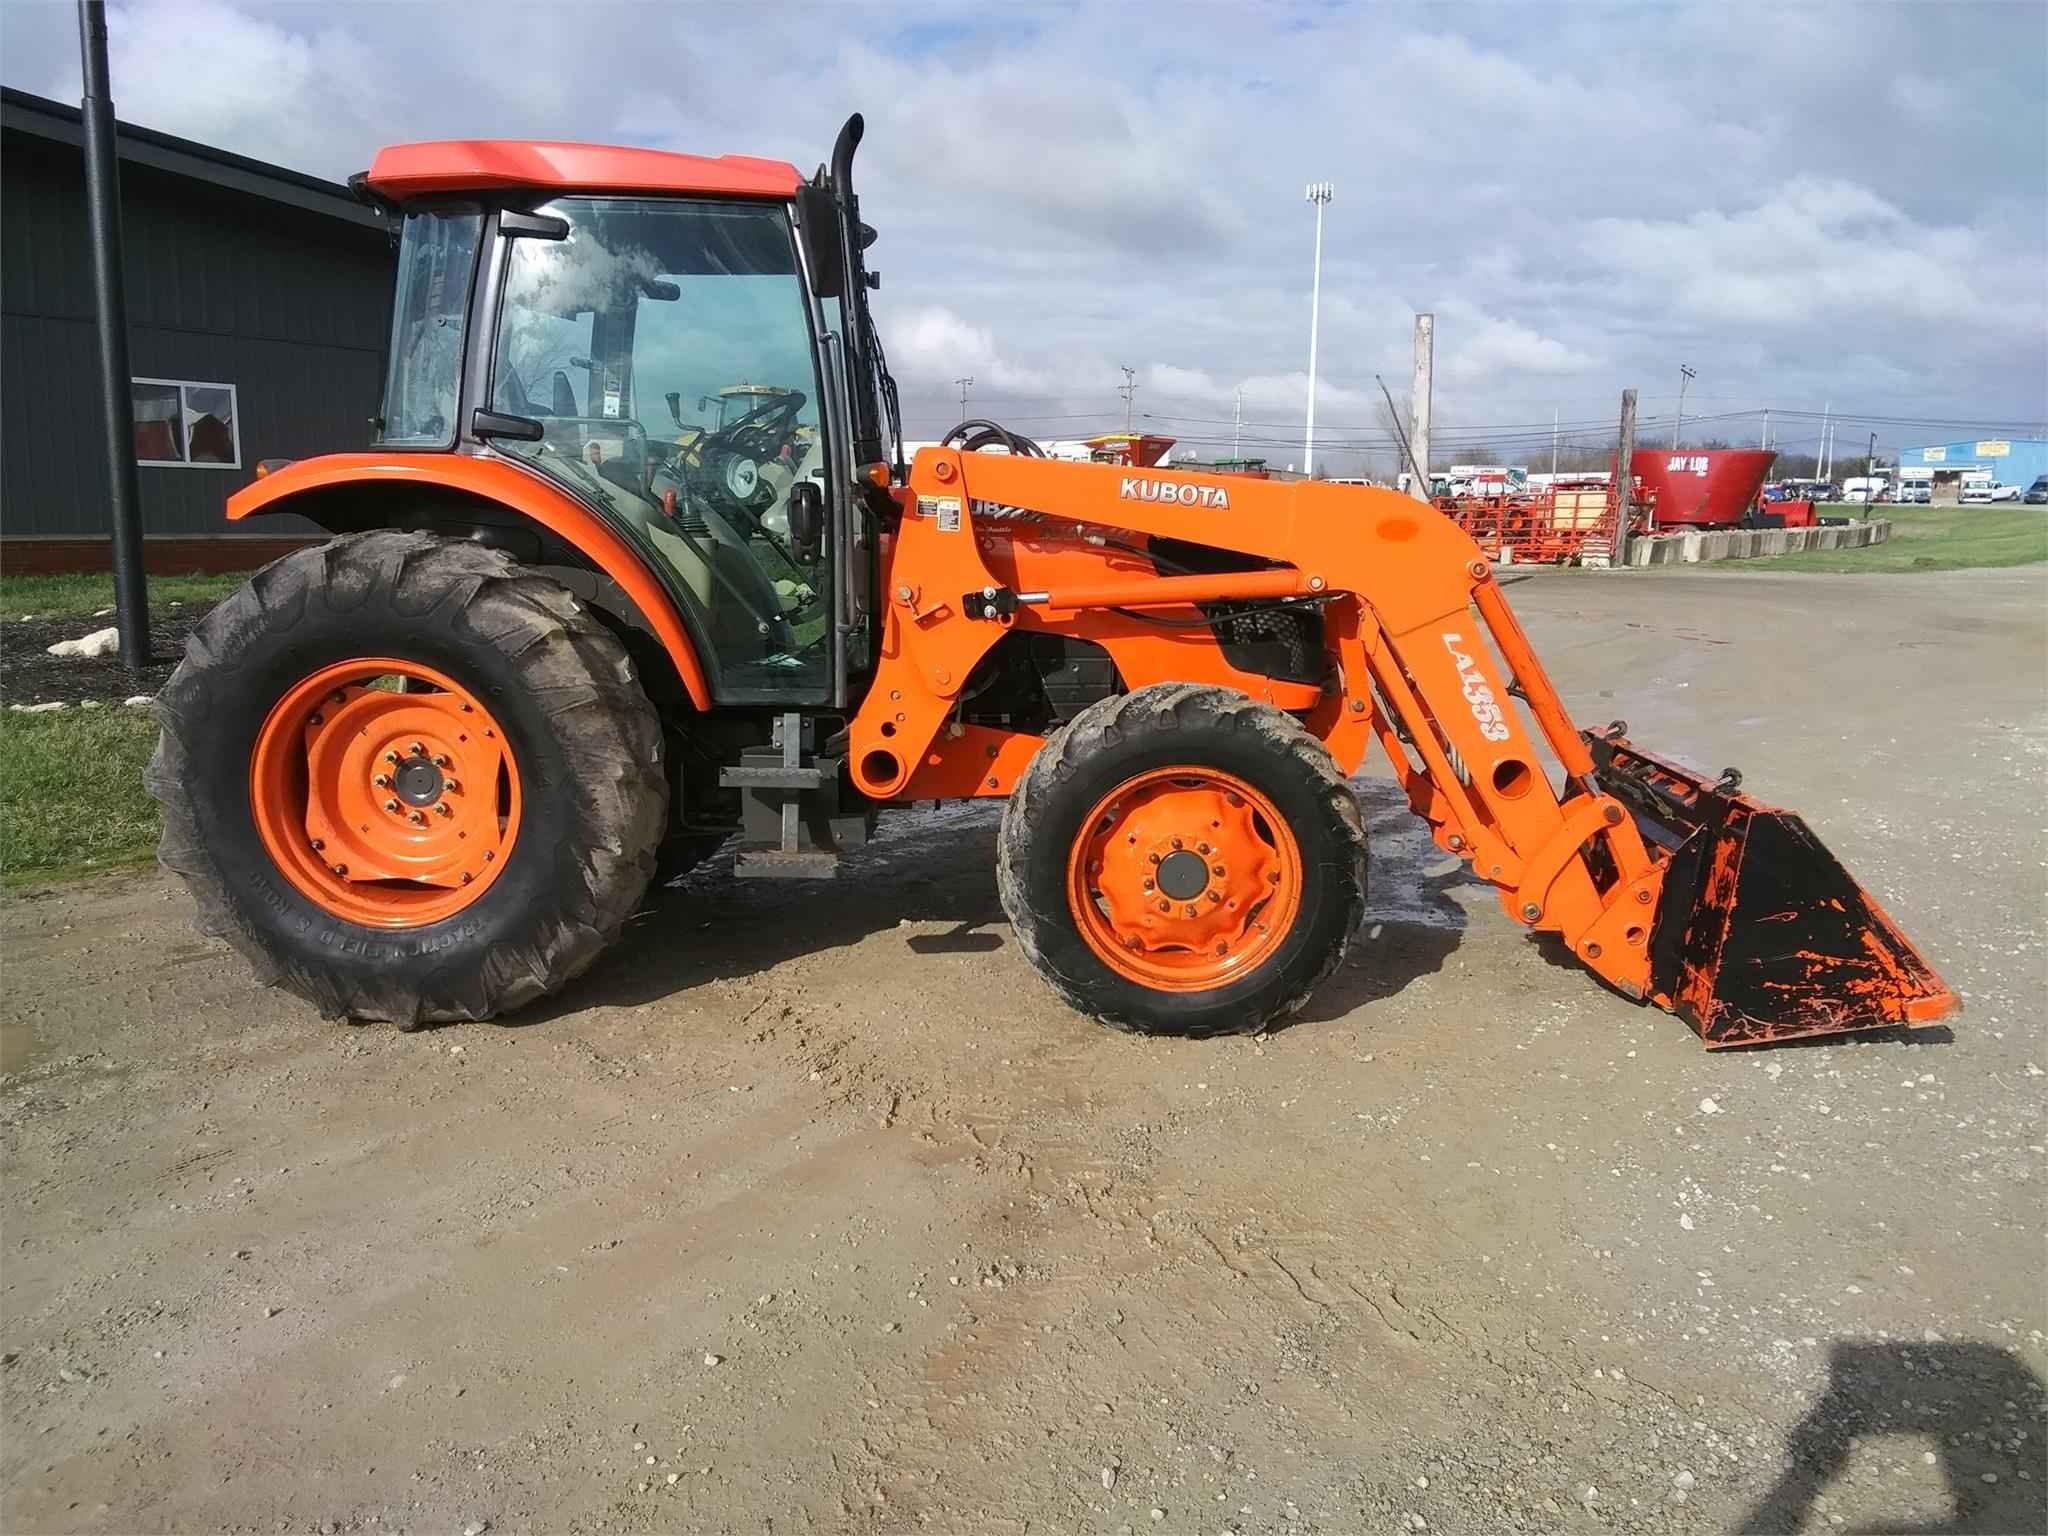 2010 Kubota M8540 Tractor